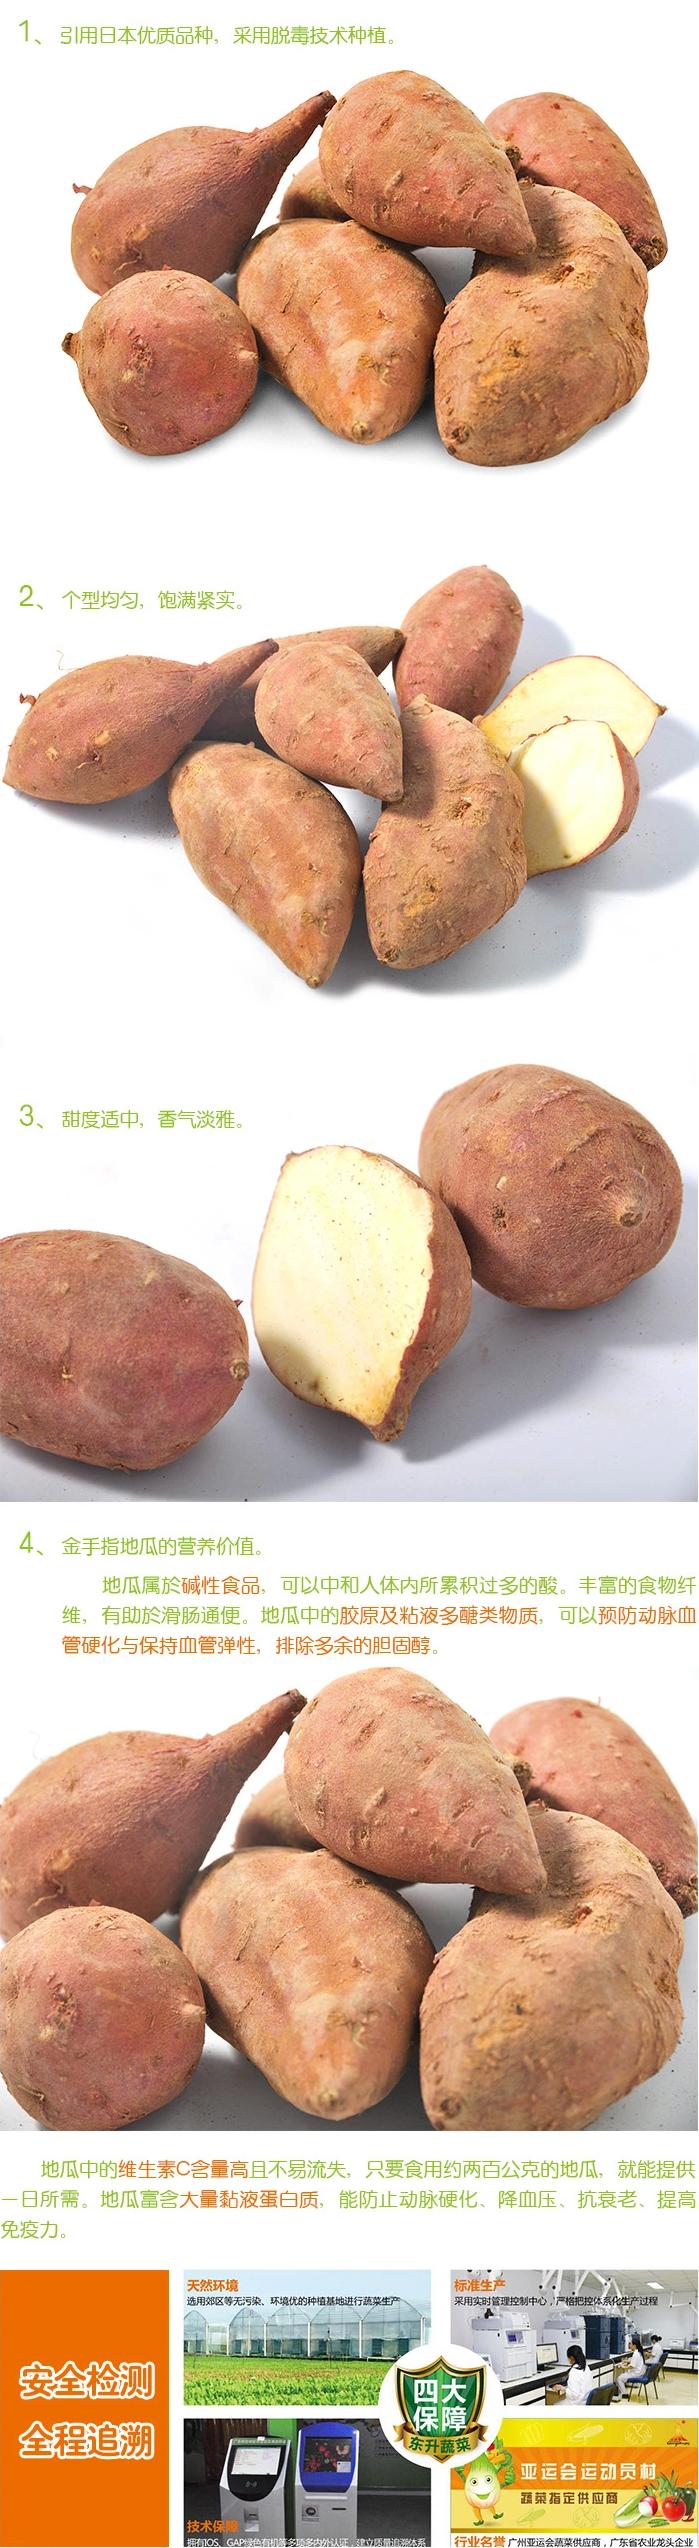 东升农场新鲜红薯